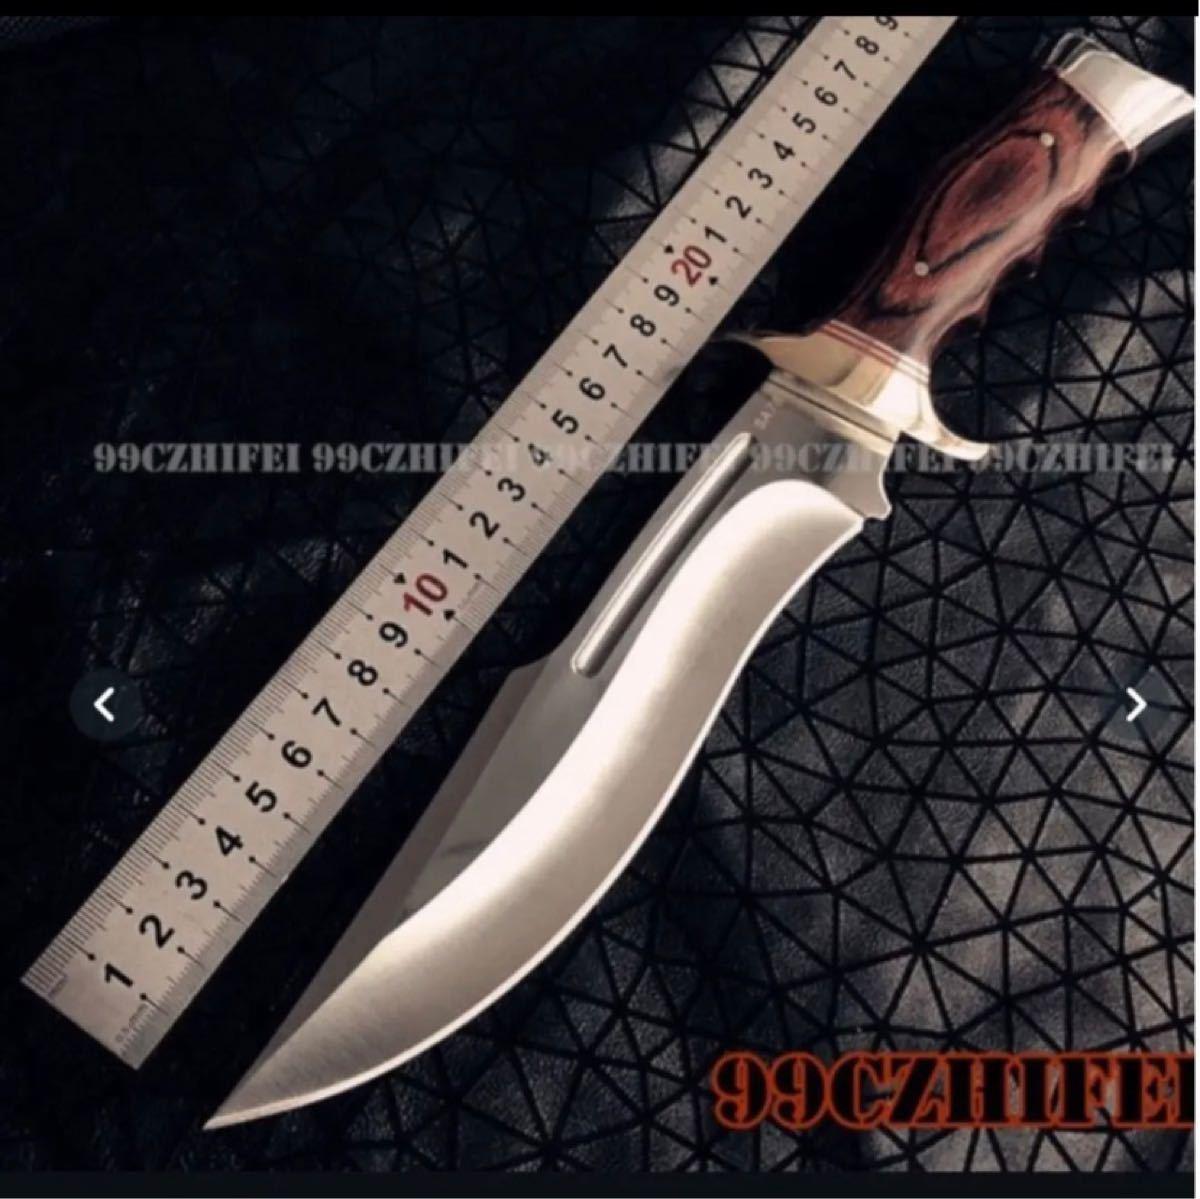 シースナイフ ハンティングナイフ サバイバルナイフ USA Columbia